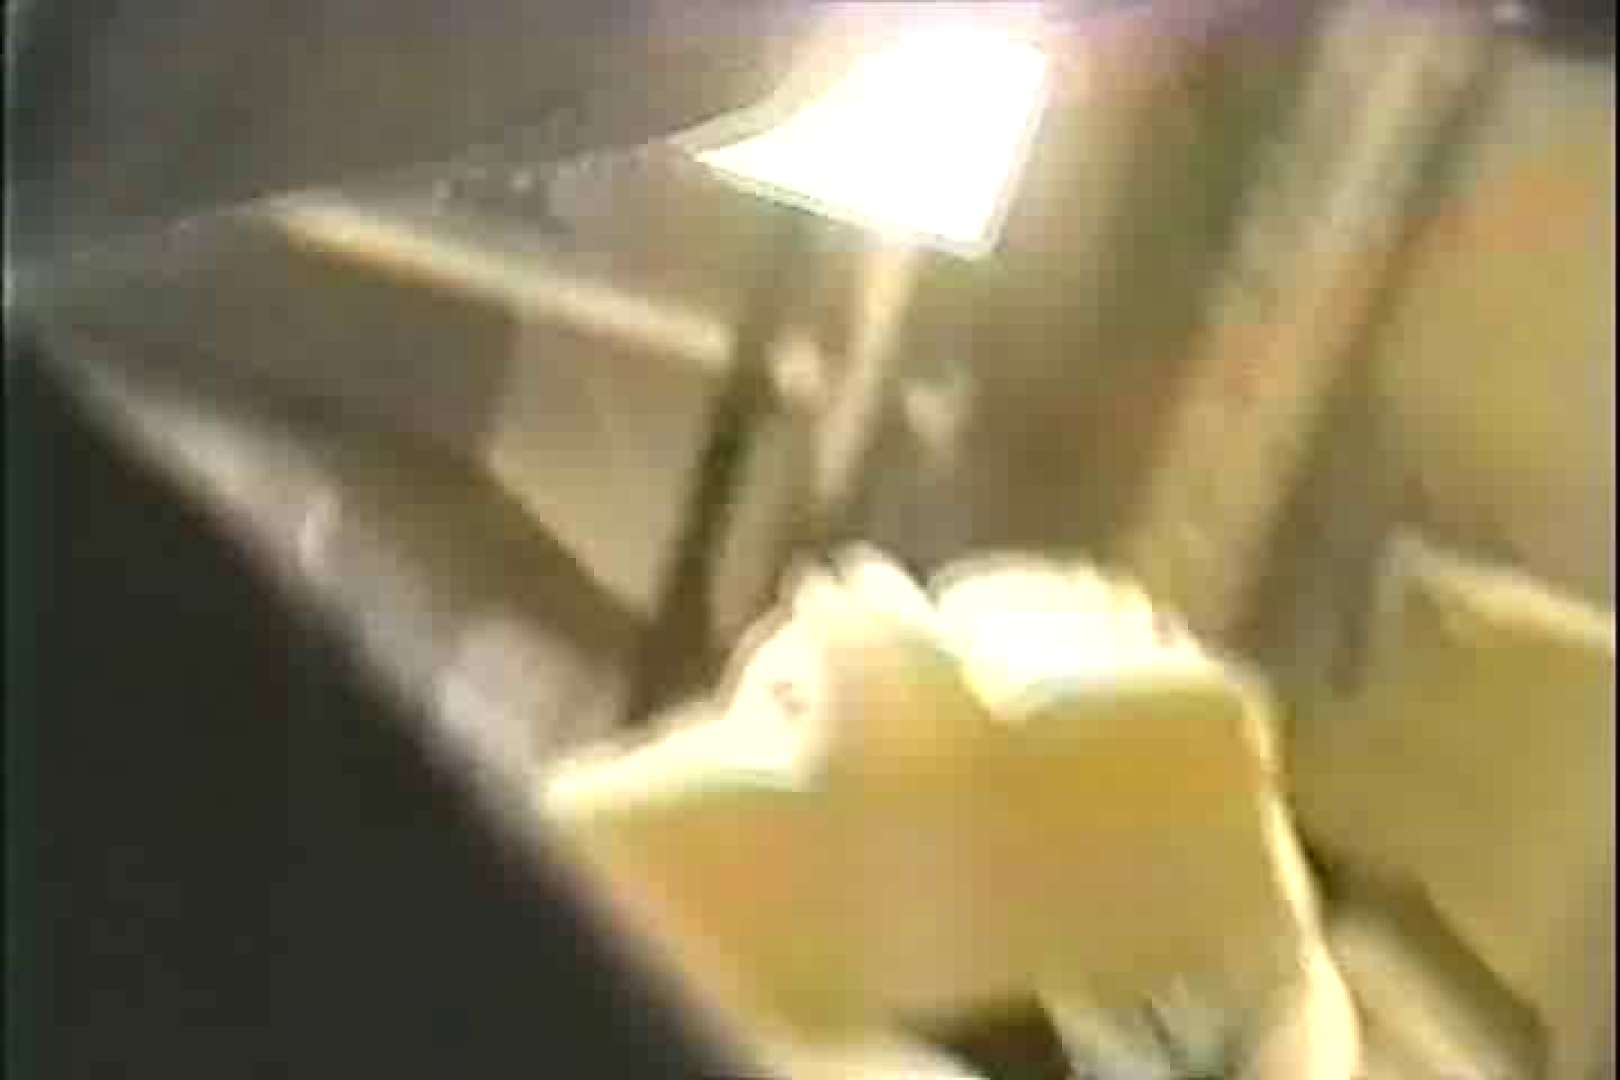 「ちくりん」さんのオリジナル未編集パンチラVol.3_01 テクニック オマンコ無修正動画無料 103pic 47